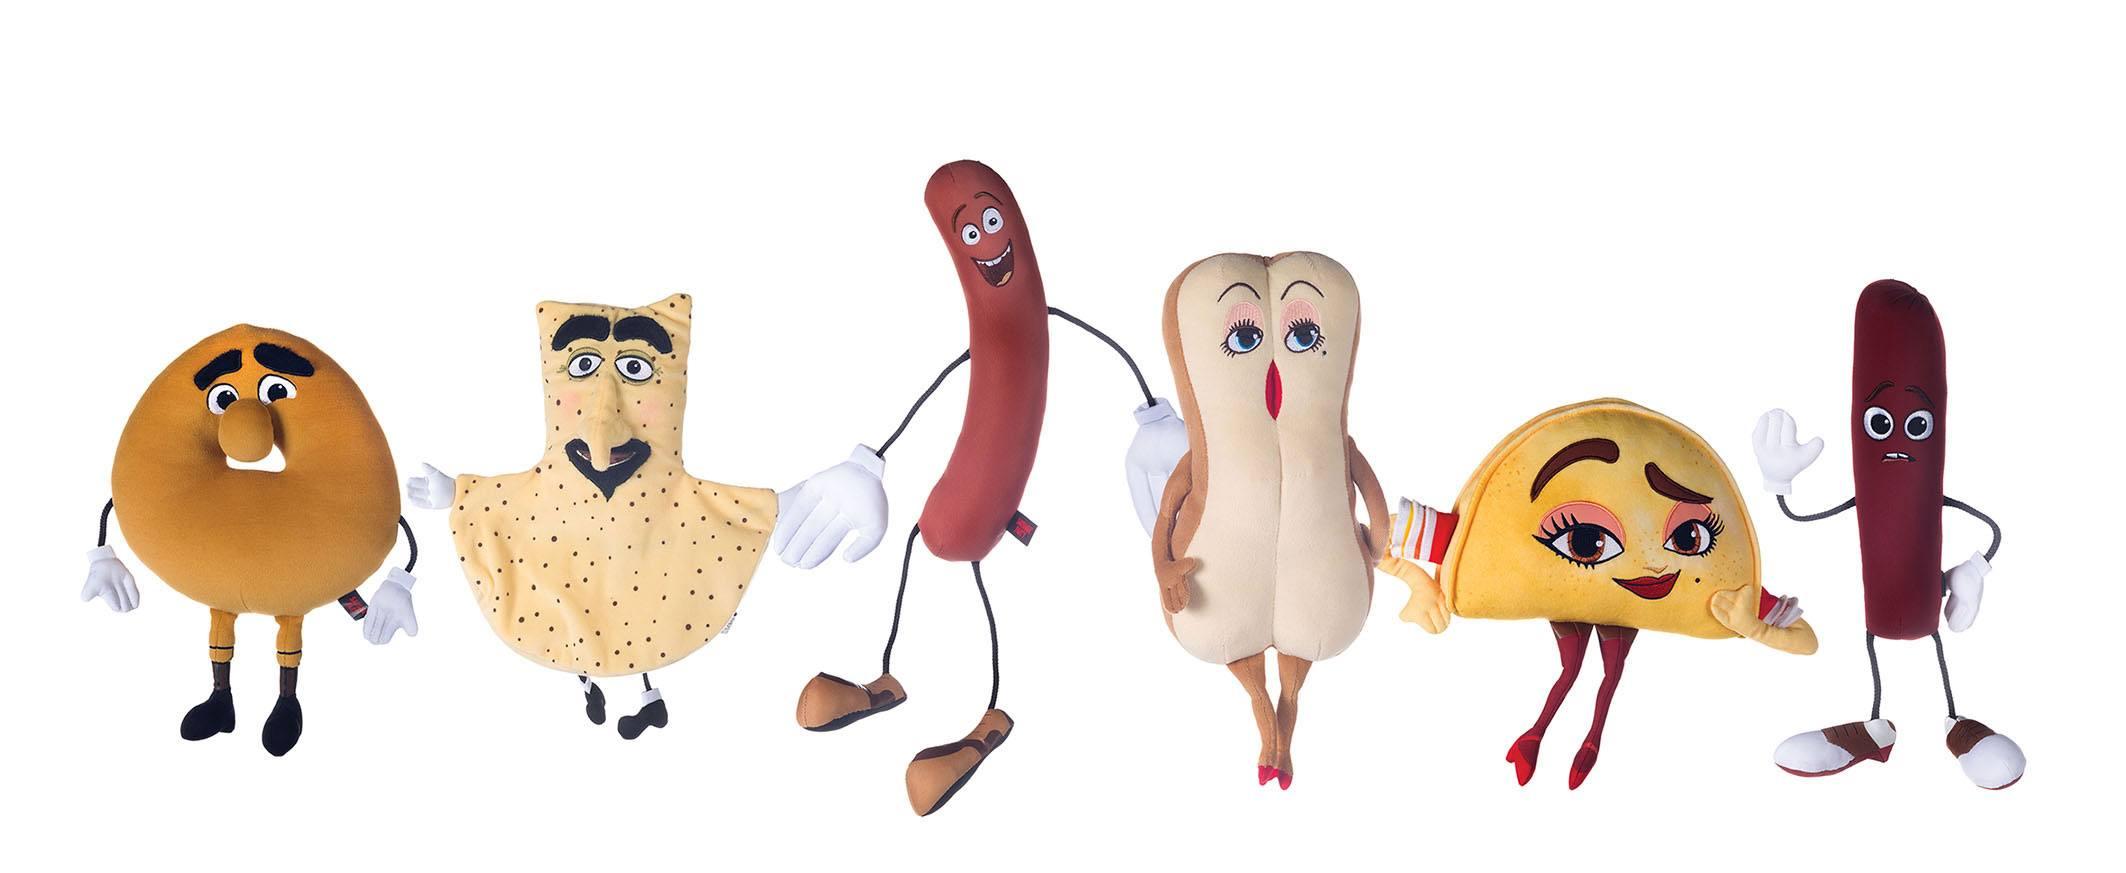 Sausage Party Plush Figures 16 - 23 cm Assortment (18)